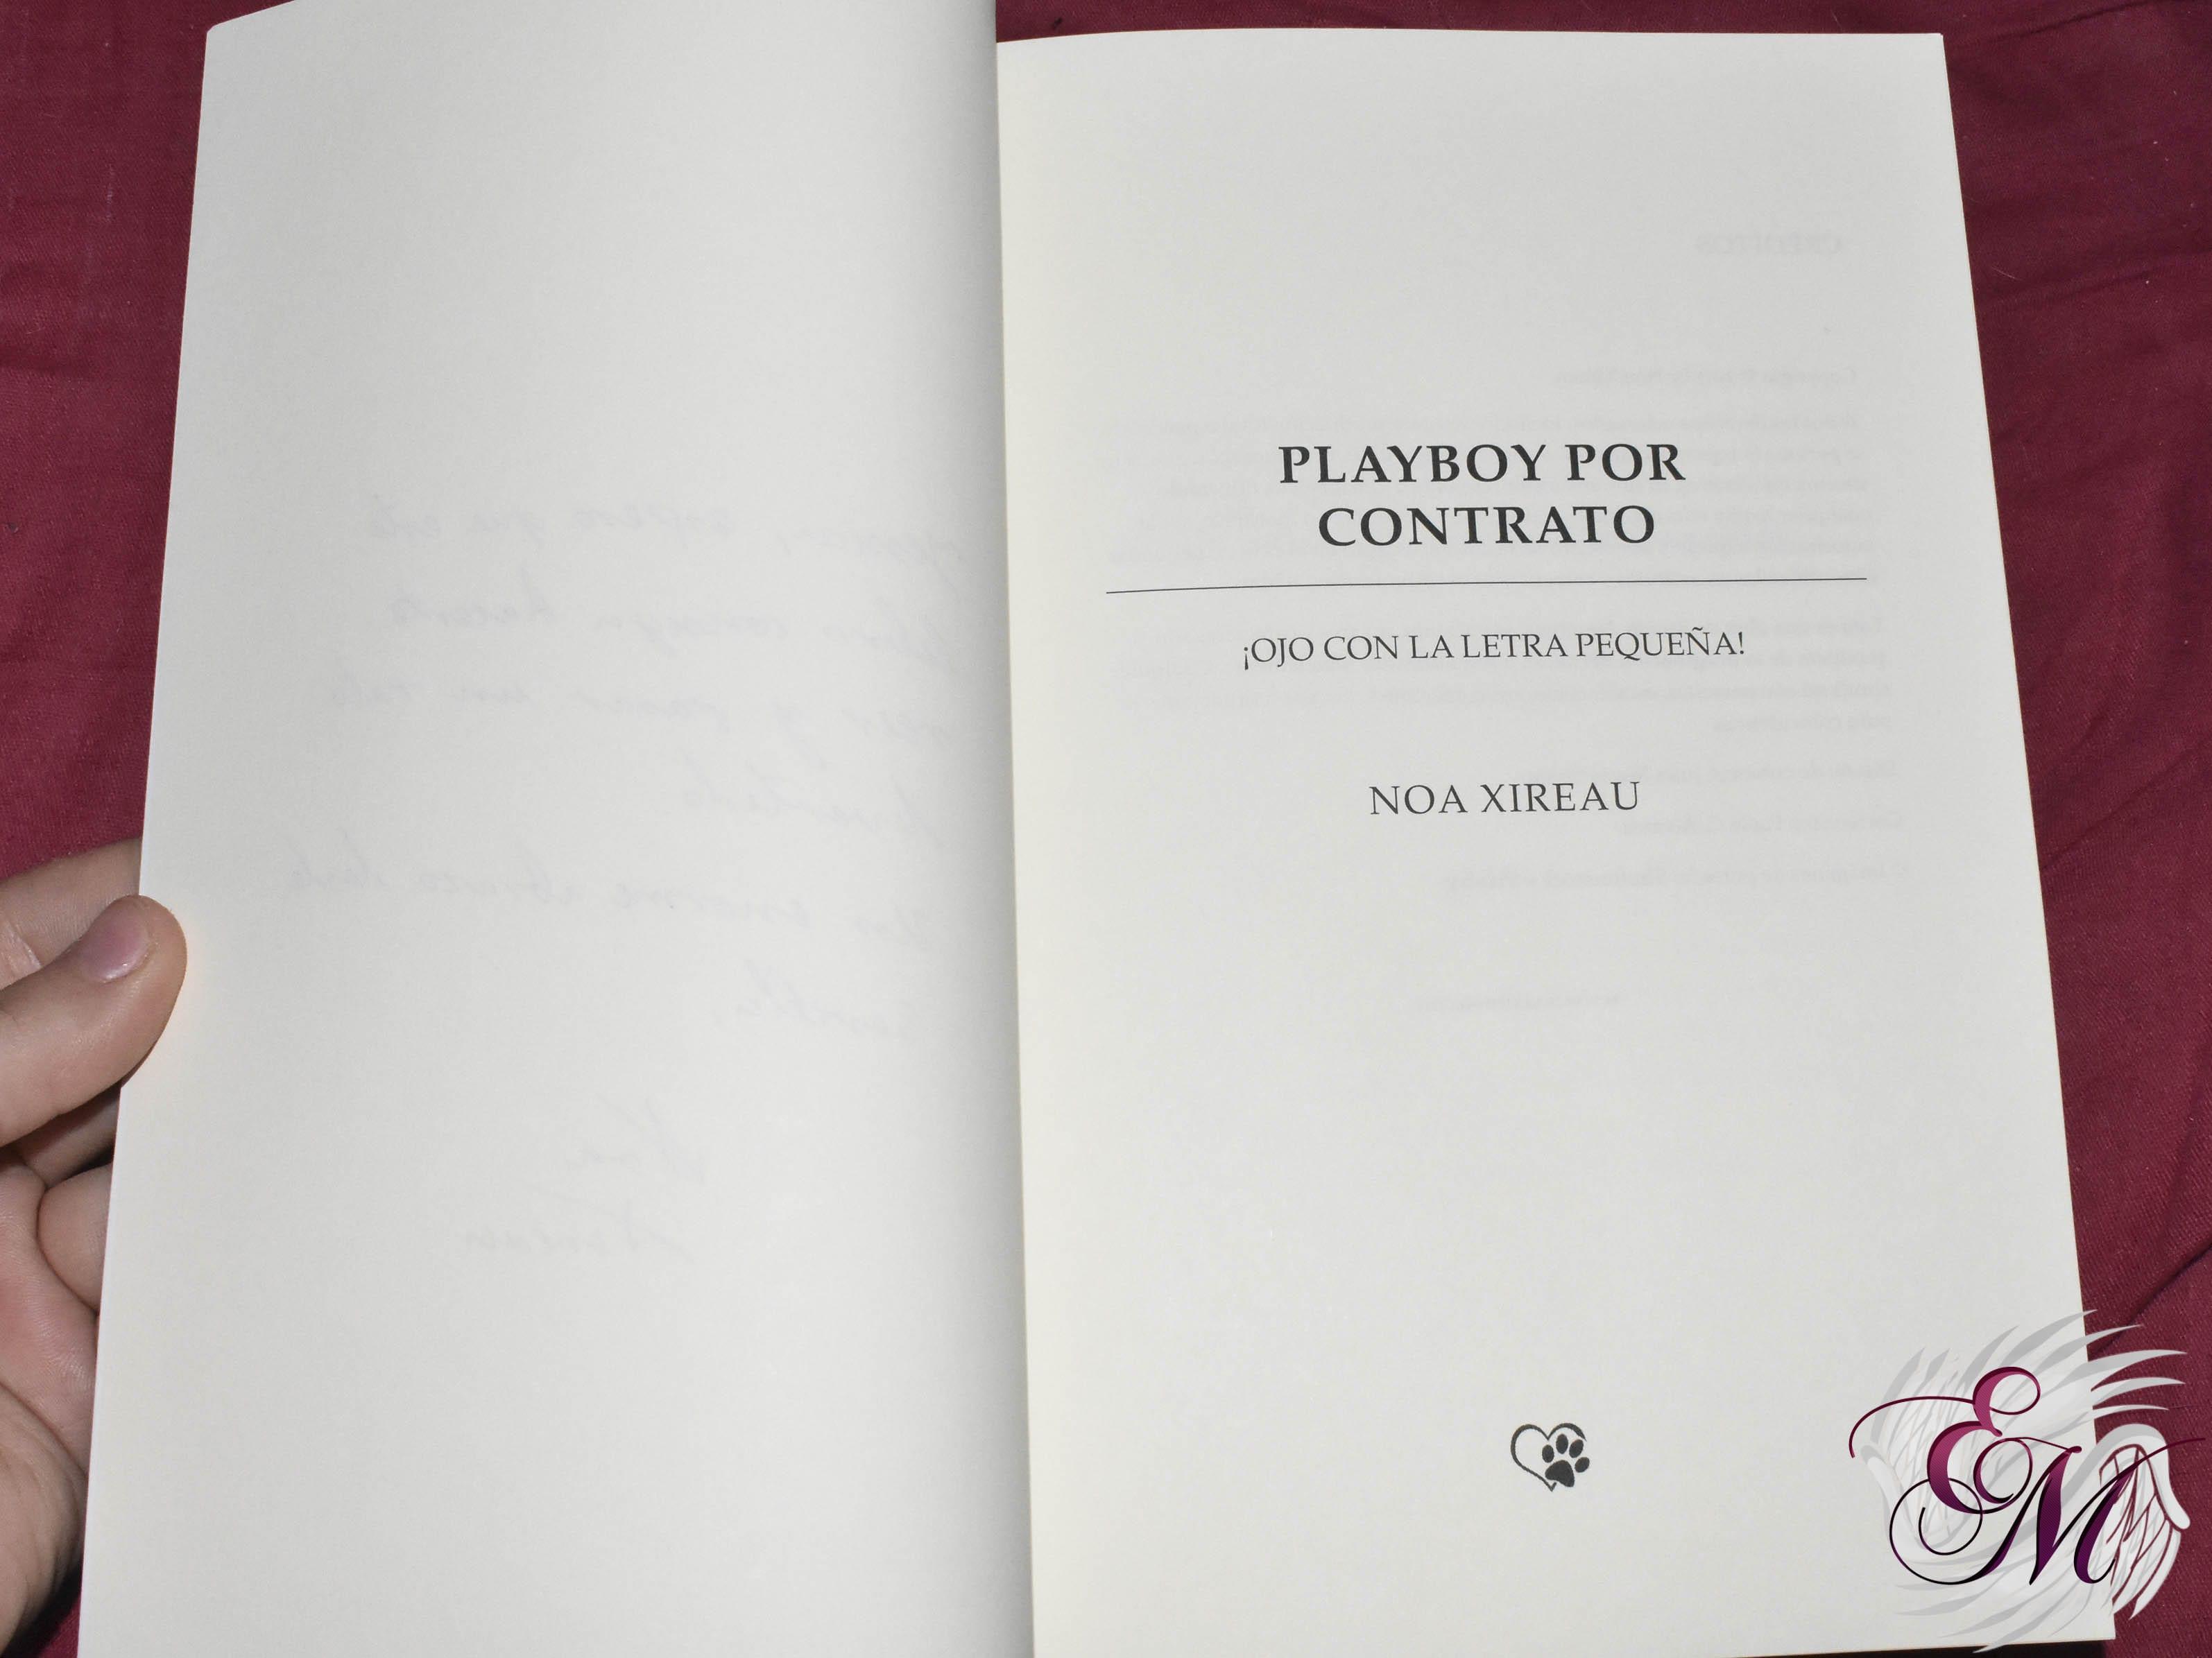 Playboy x contrato, de Noa Xireau - Reseña